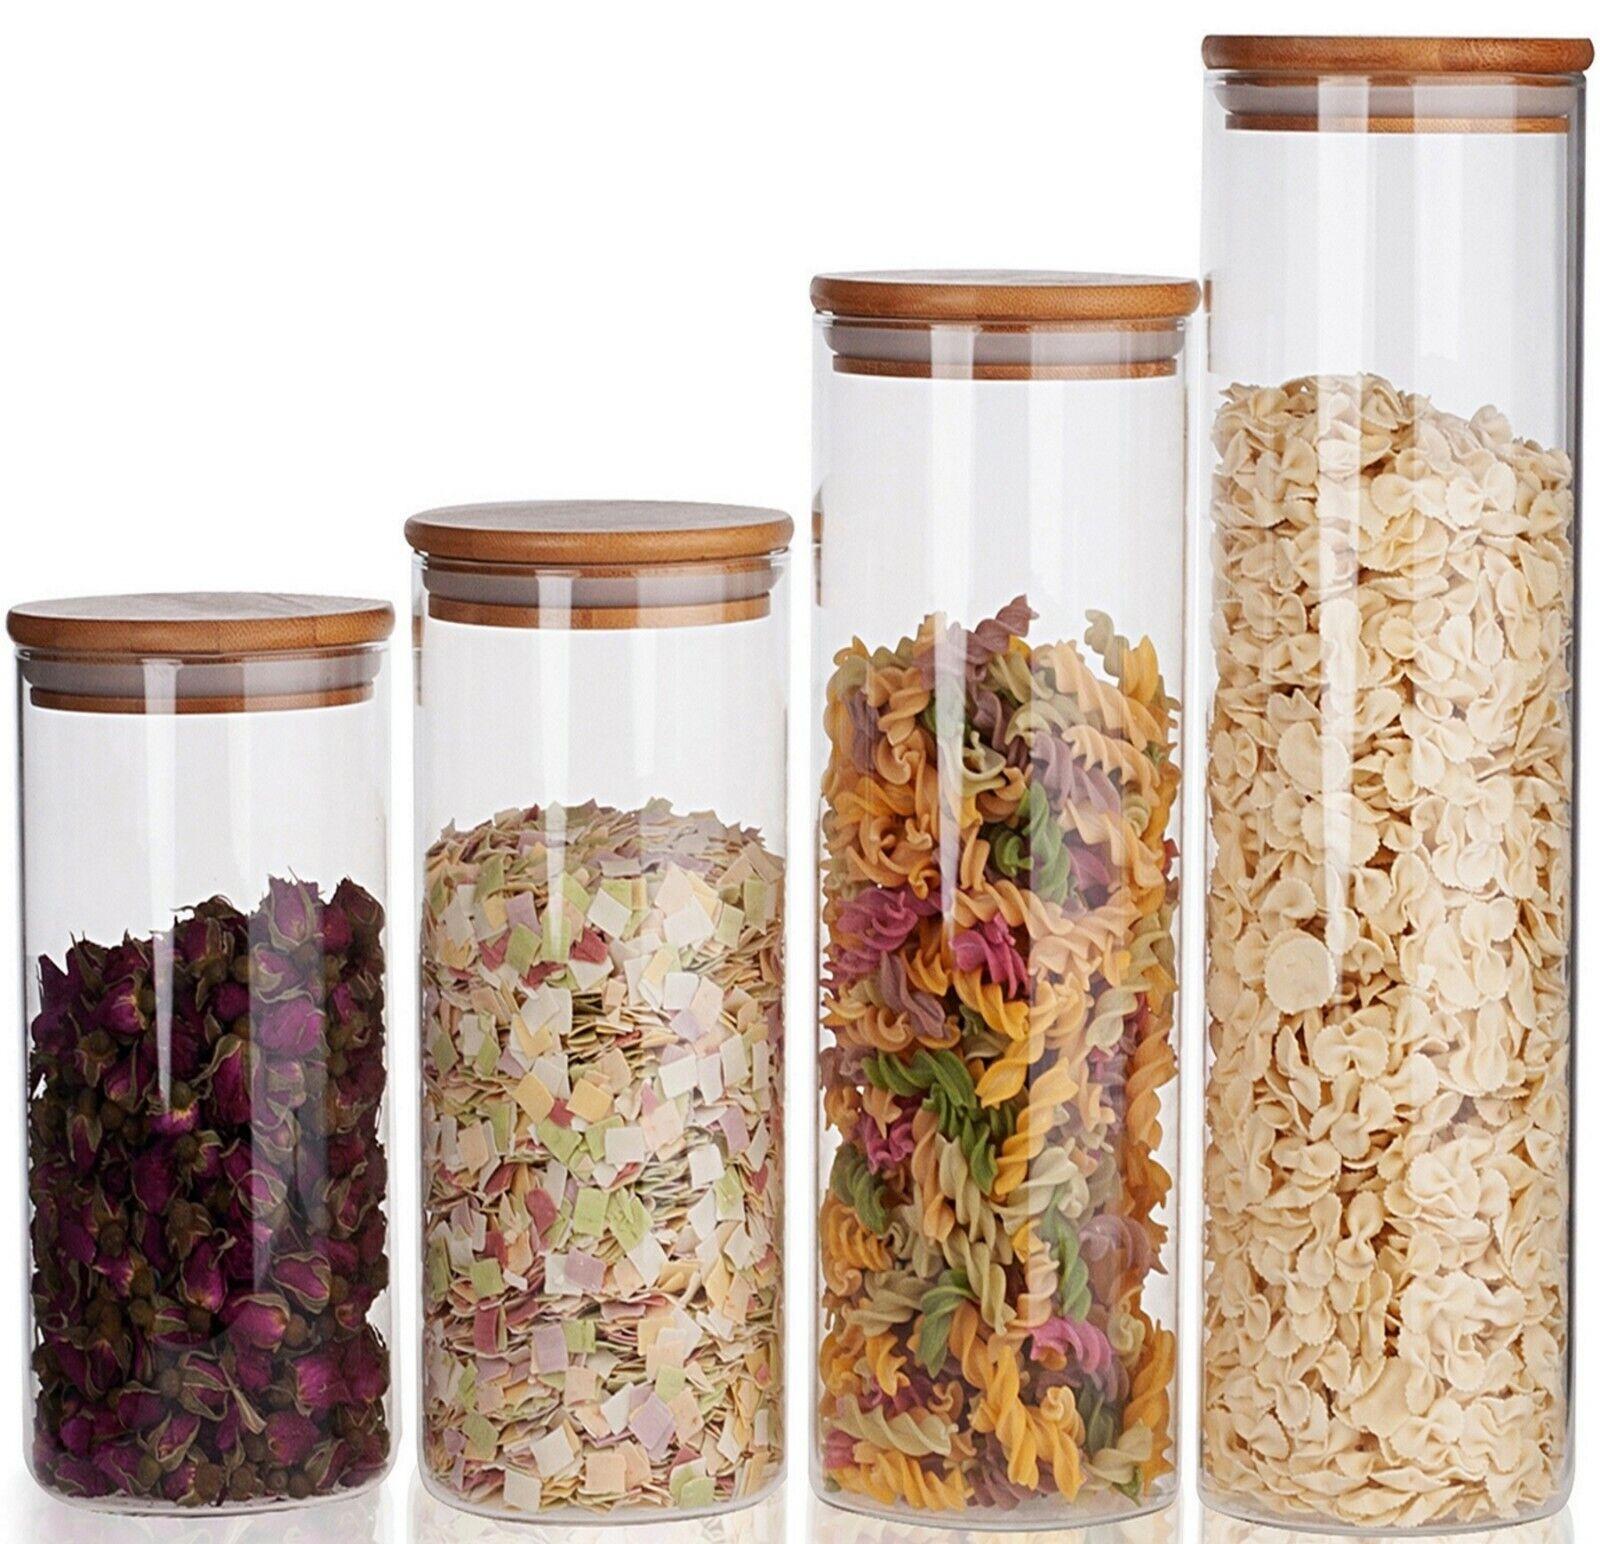 4 Vorratsgläser Vorratsdosen Set mit Deckel Vorratsglas Glas Behälter Dose Pasta